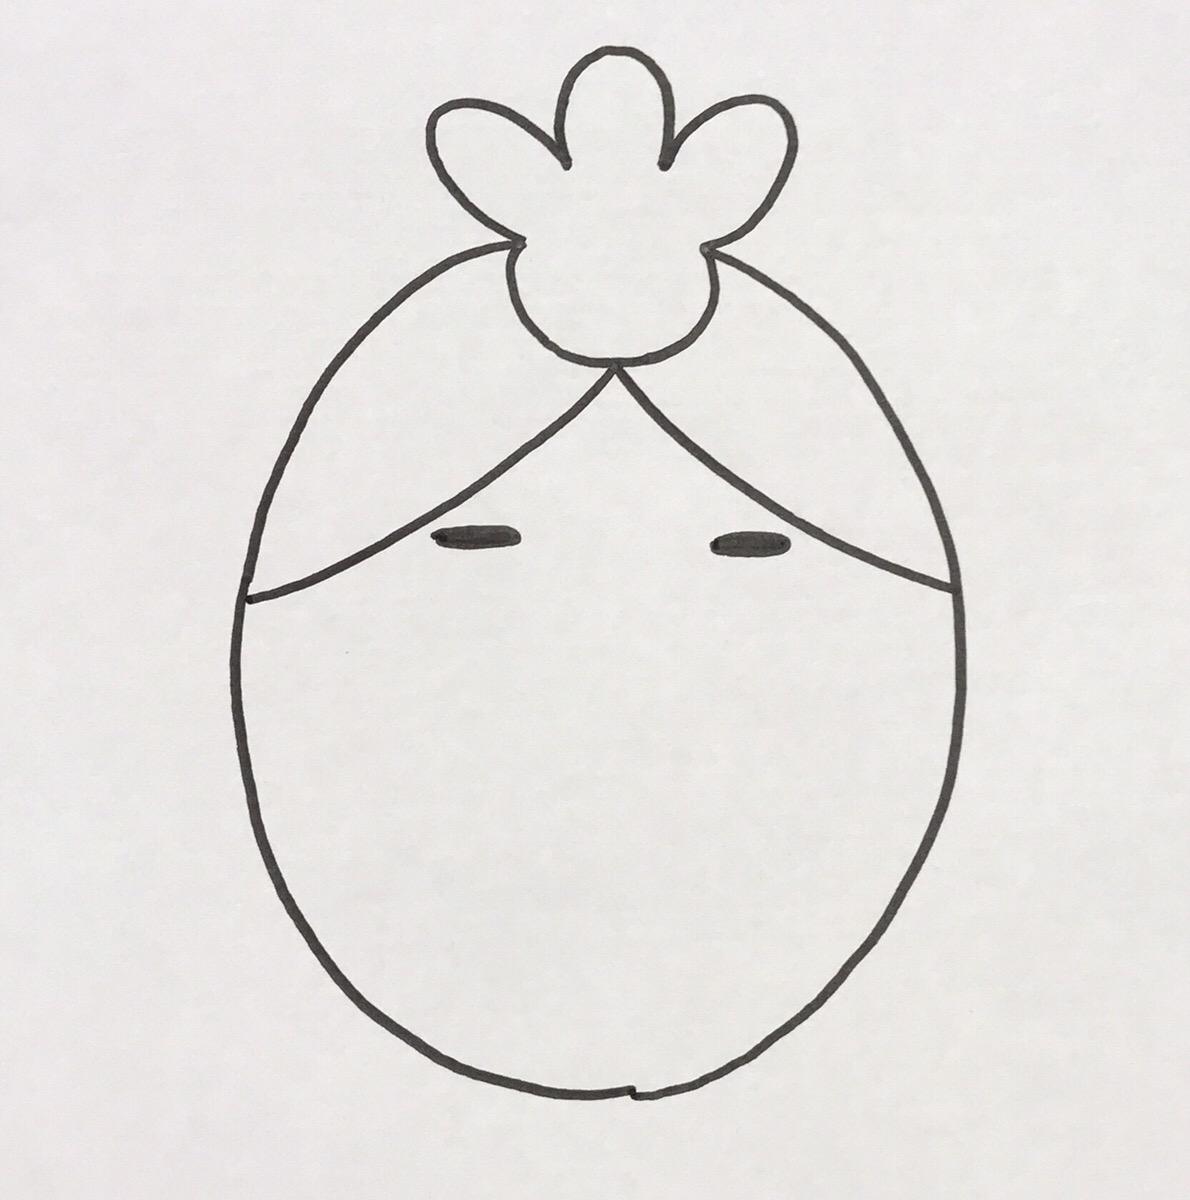 「ノ」の字の下、米粒大の黒い楕円を2つ並べて描きます